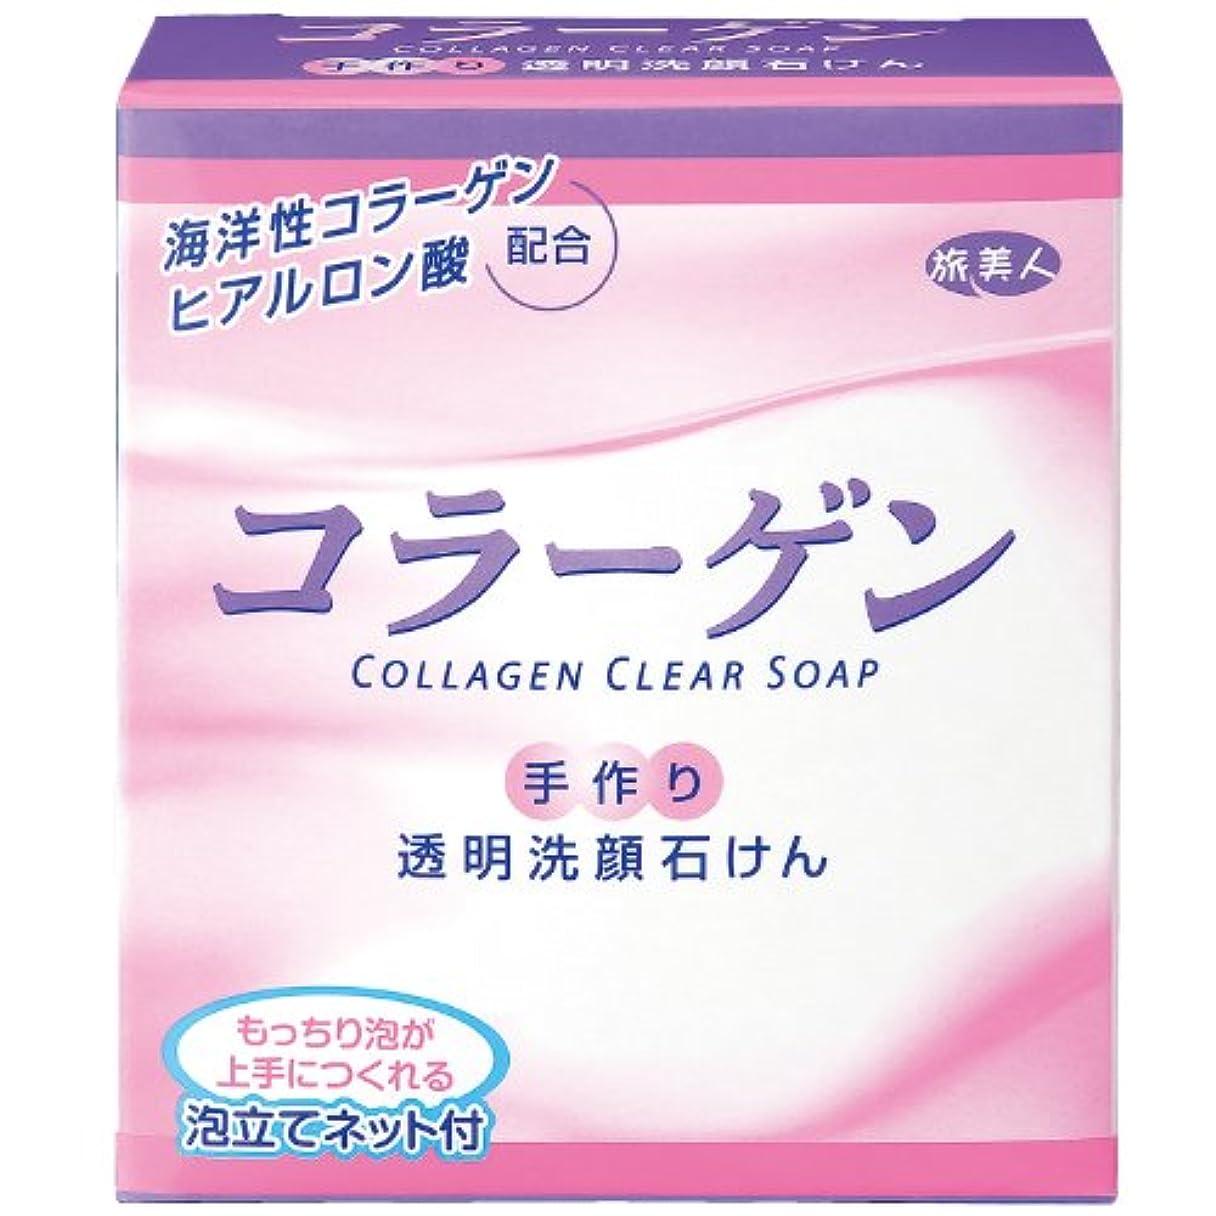 降下領事館構造的アズマ商事の コラーゲン透明洗顔石鹸 手作り